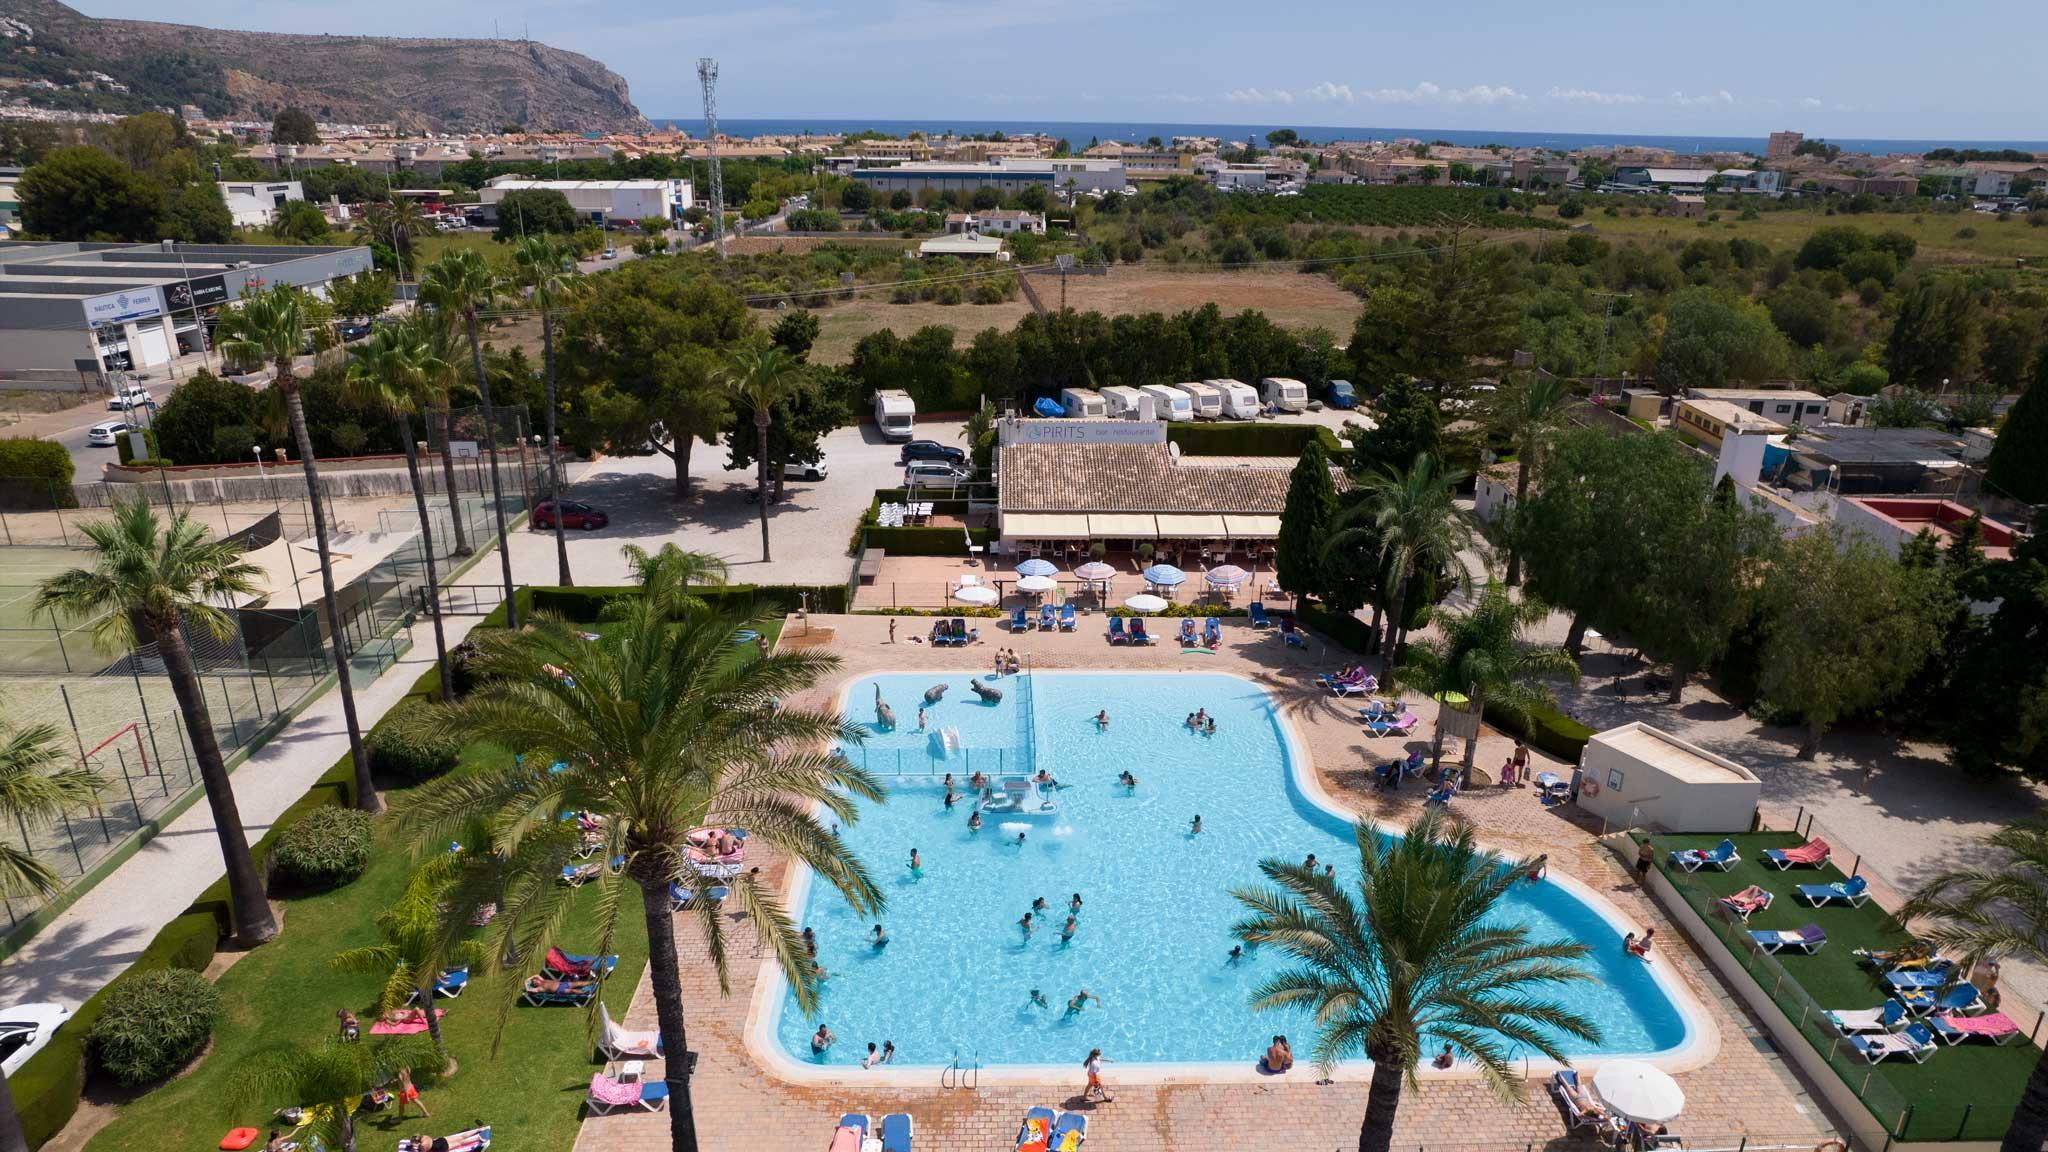 Camping con piscina – Camping Javea